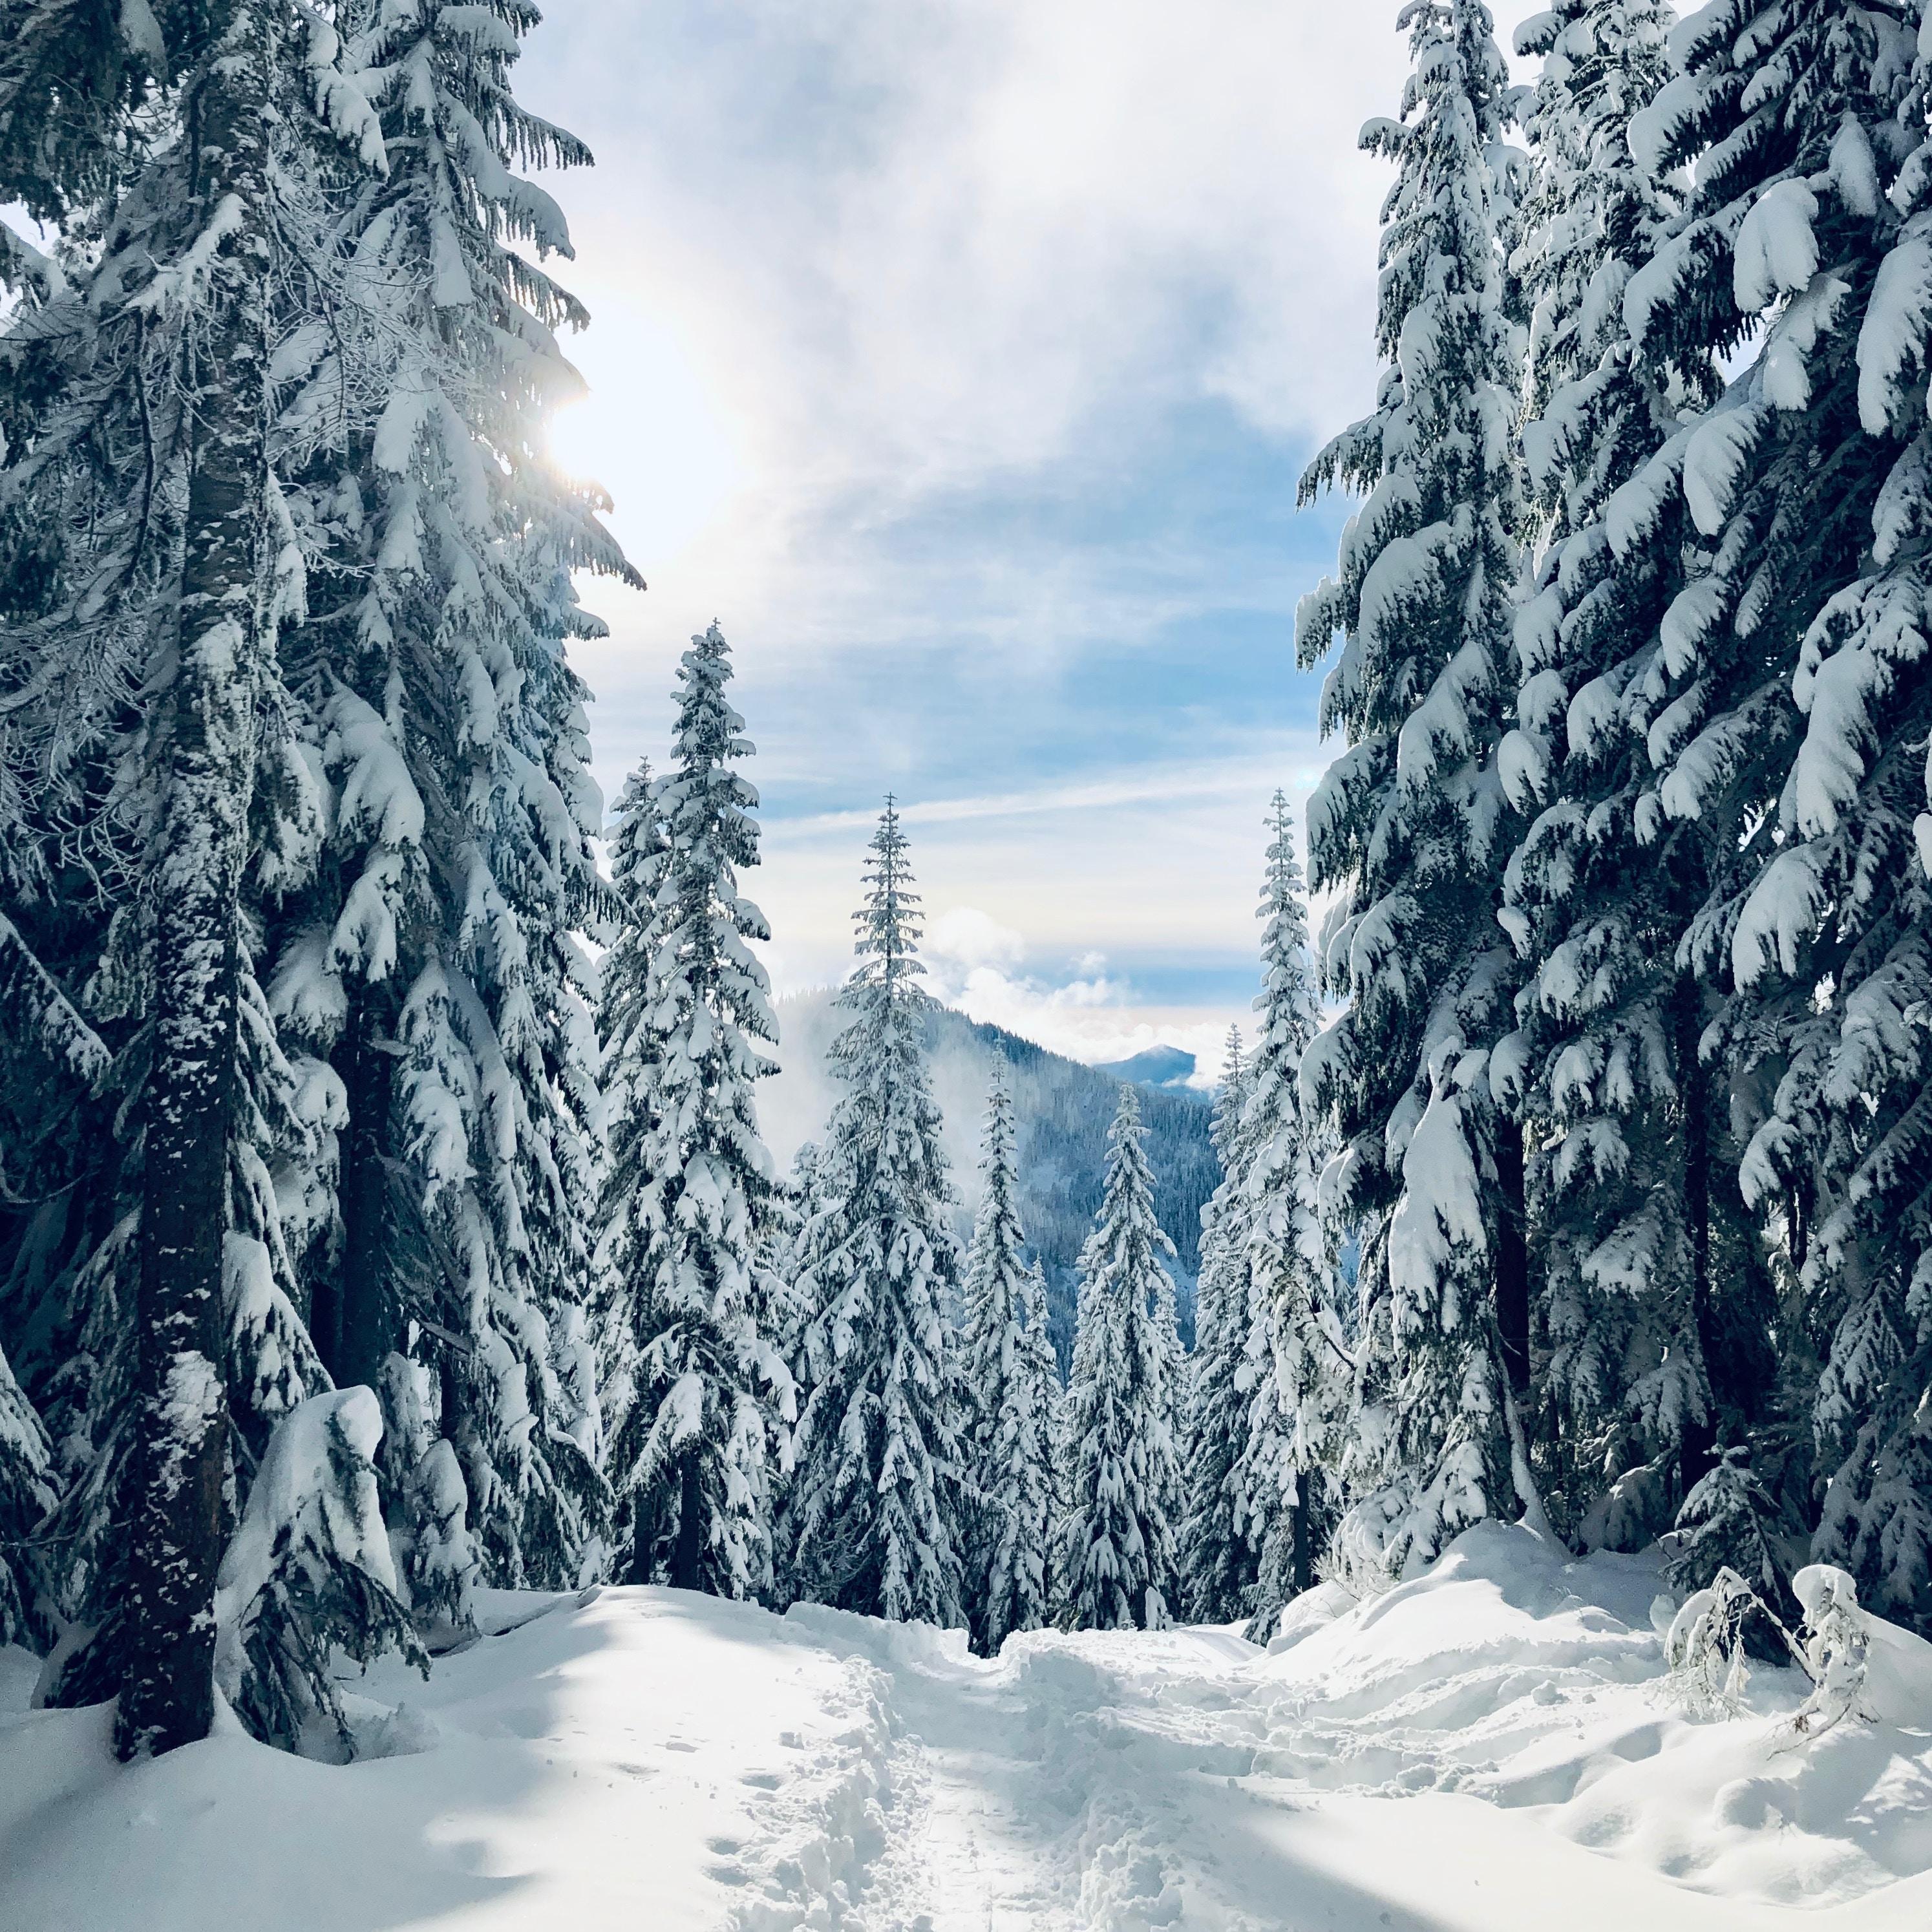 60778 скачать обои Природа, Лес, Зима, Снег, Деревья, Тропинка, Следы, Елки - заставки и картинки бесплатно